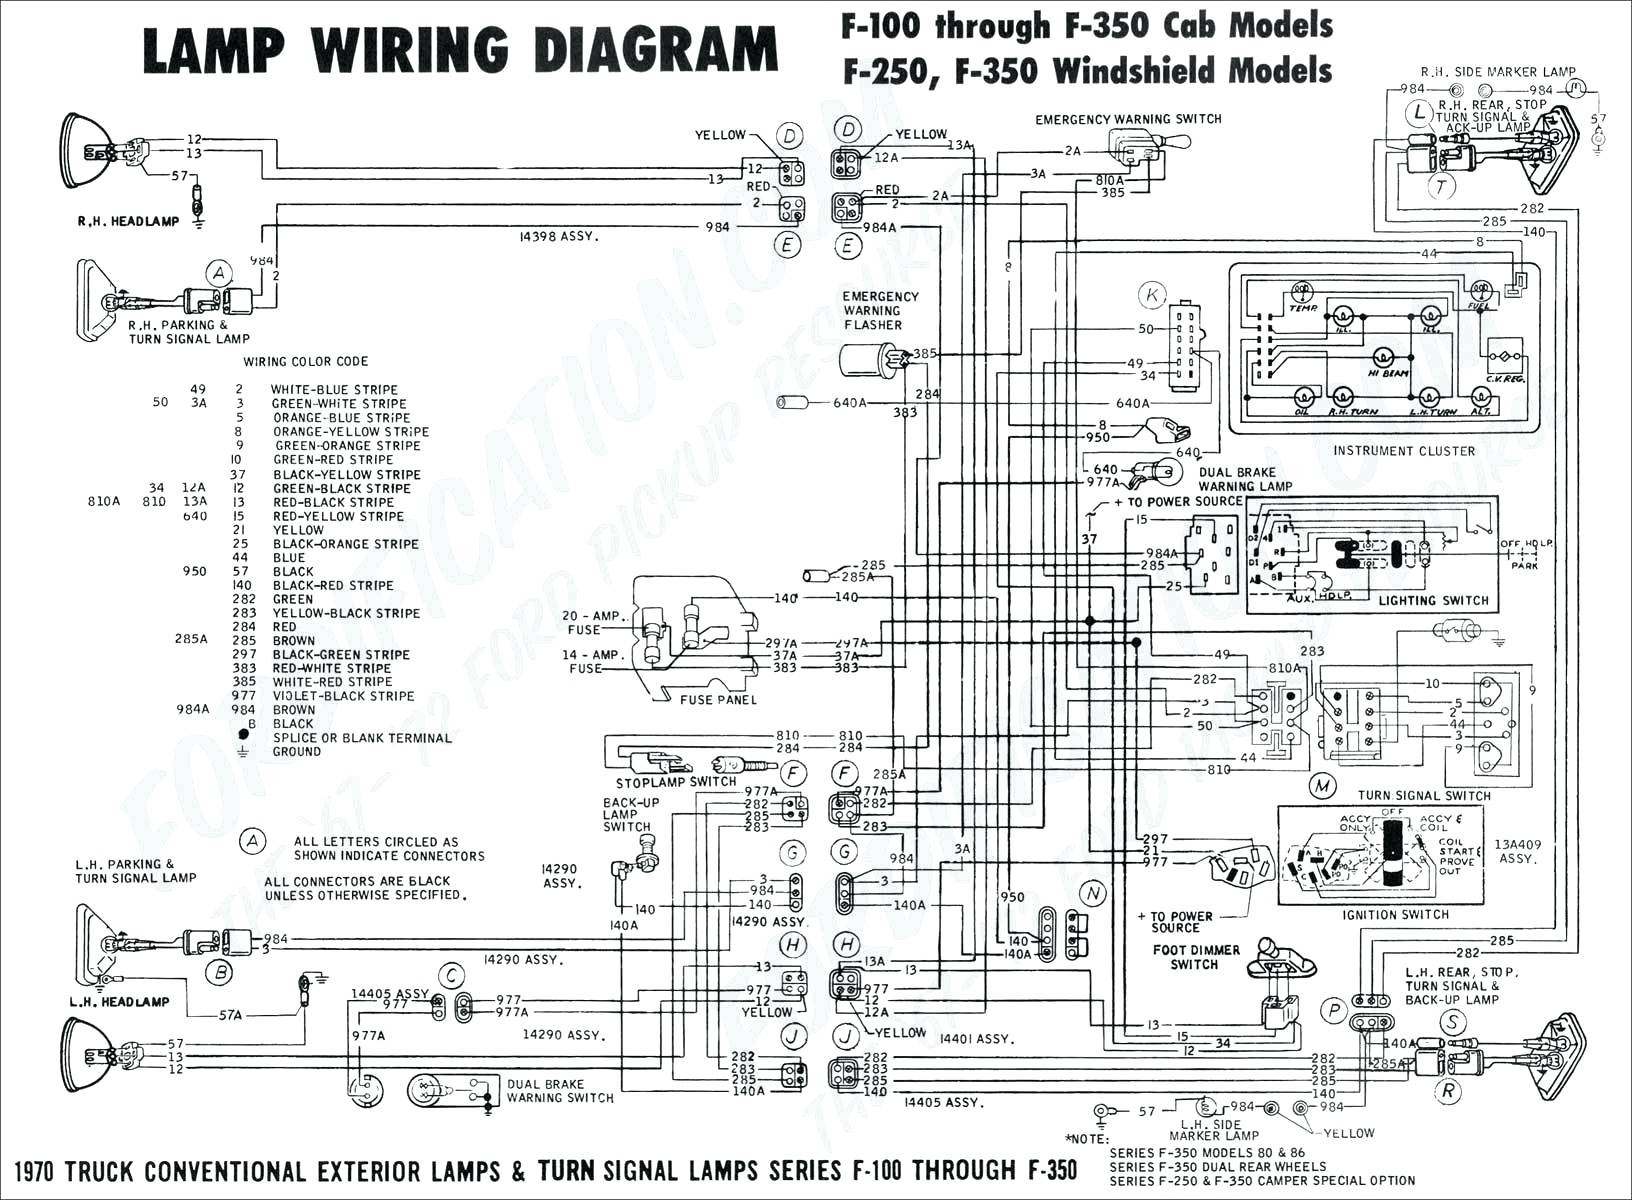 Vw touareg Engine Diagram 2008 Polaris Sportsman Wiring Diagram Http Wwwpartzilla Parts Of Vw touareg Engine Diagram